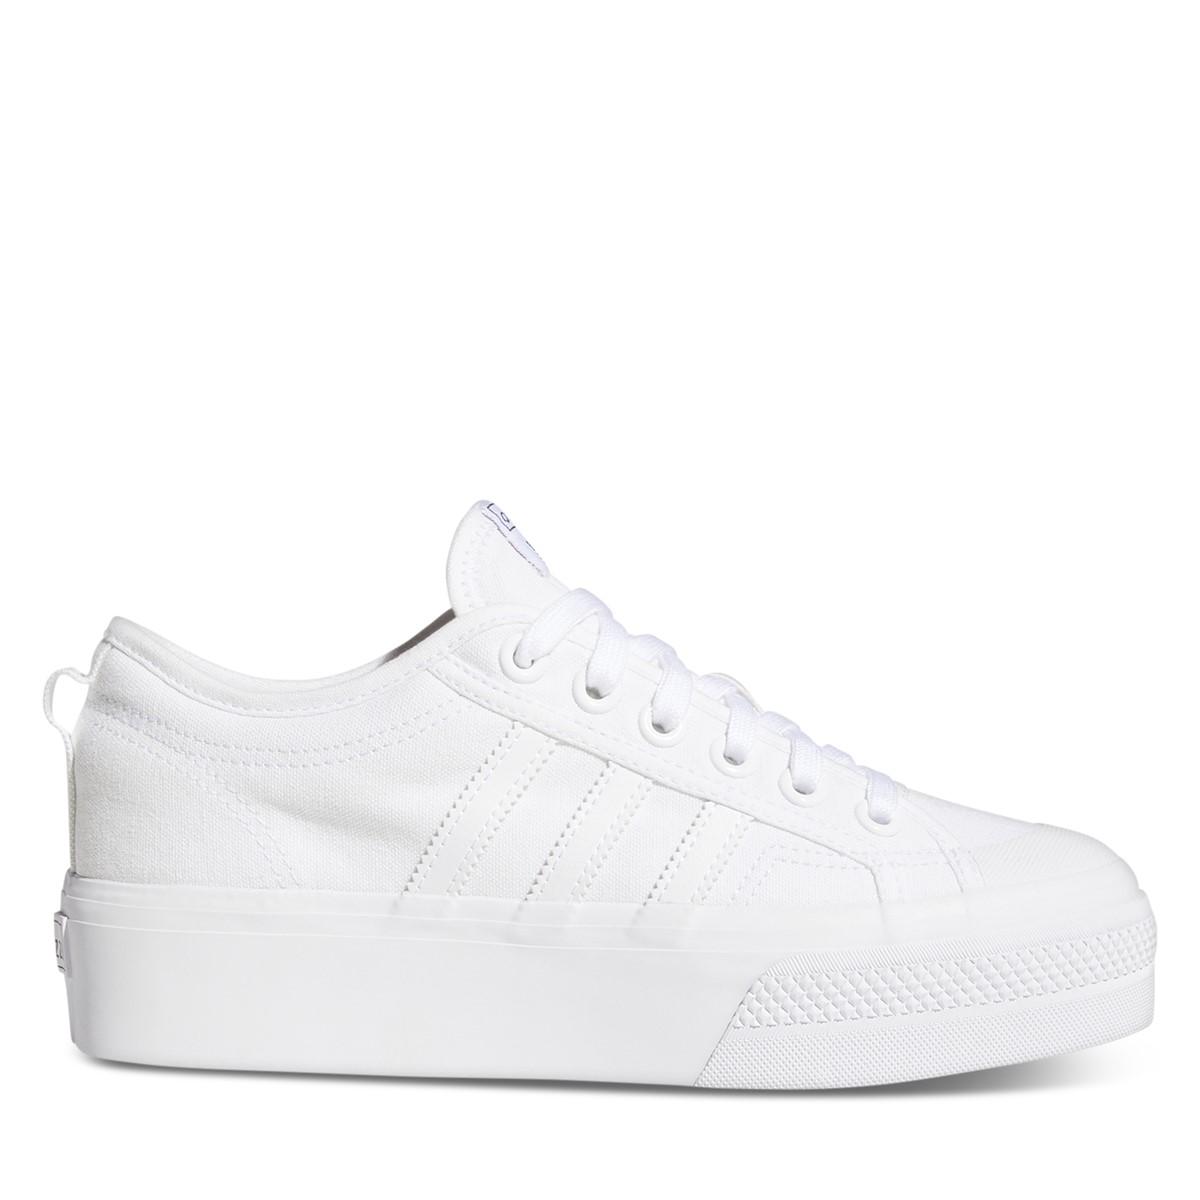 Women's Nizza Platform Sneakers in White